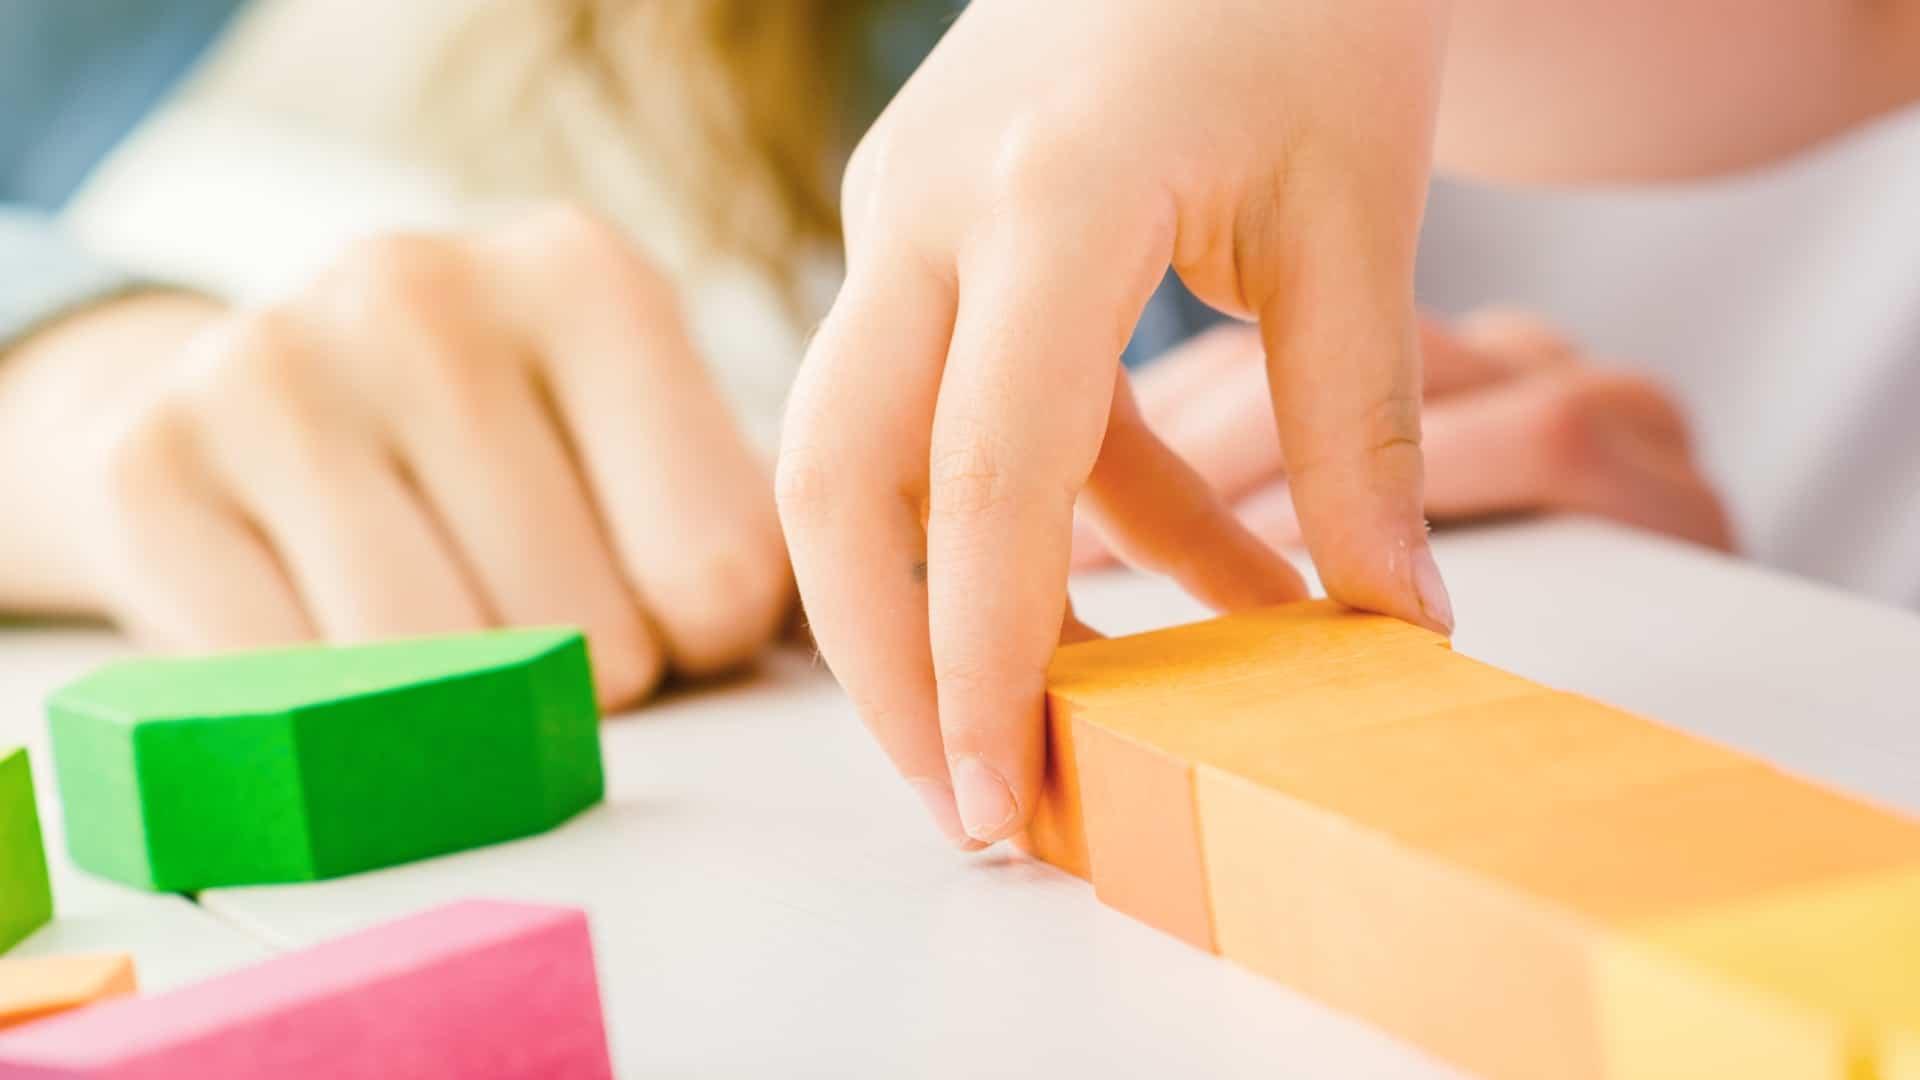 Miglior tavolo gioco per bambini 2021: Guida all'acquisto